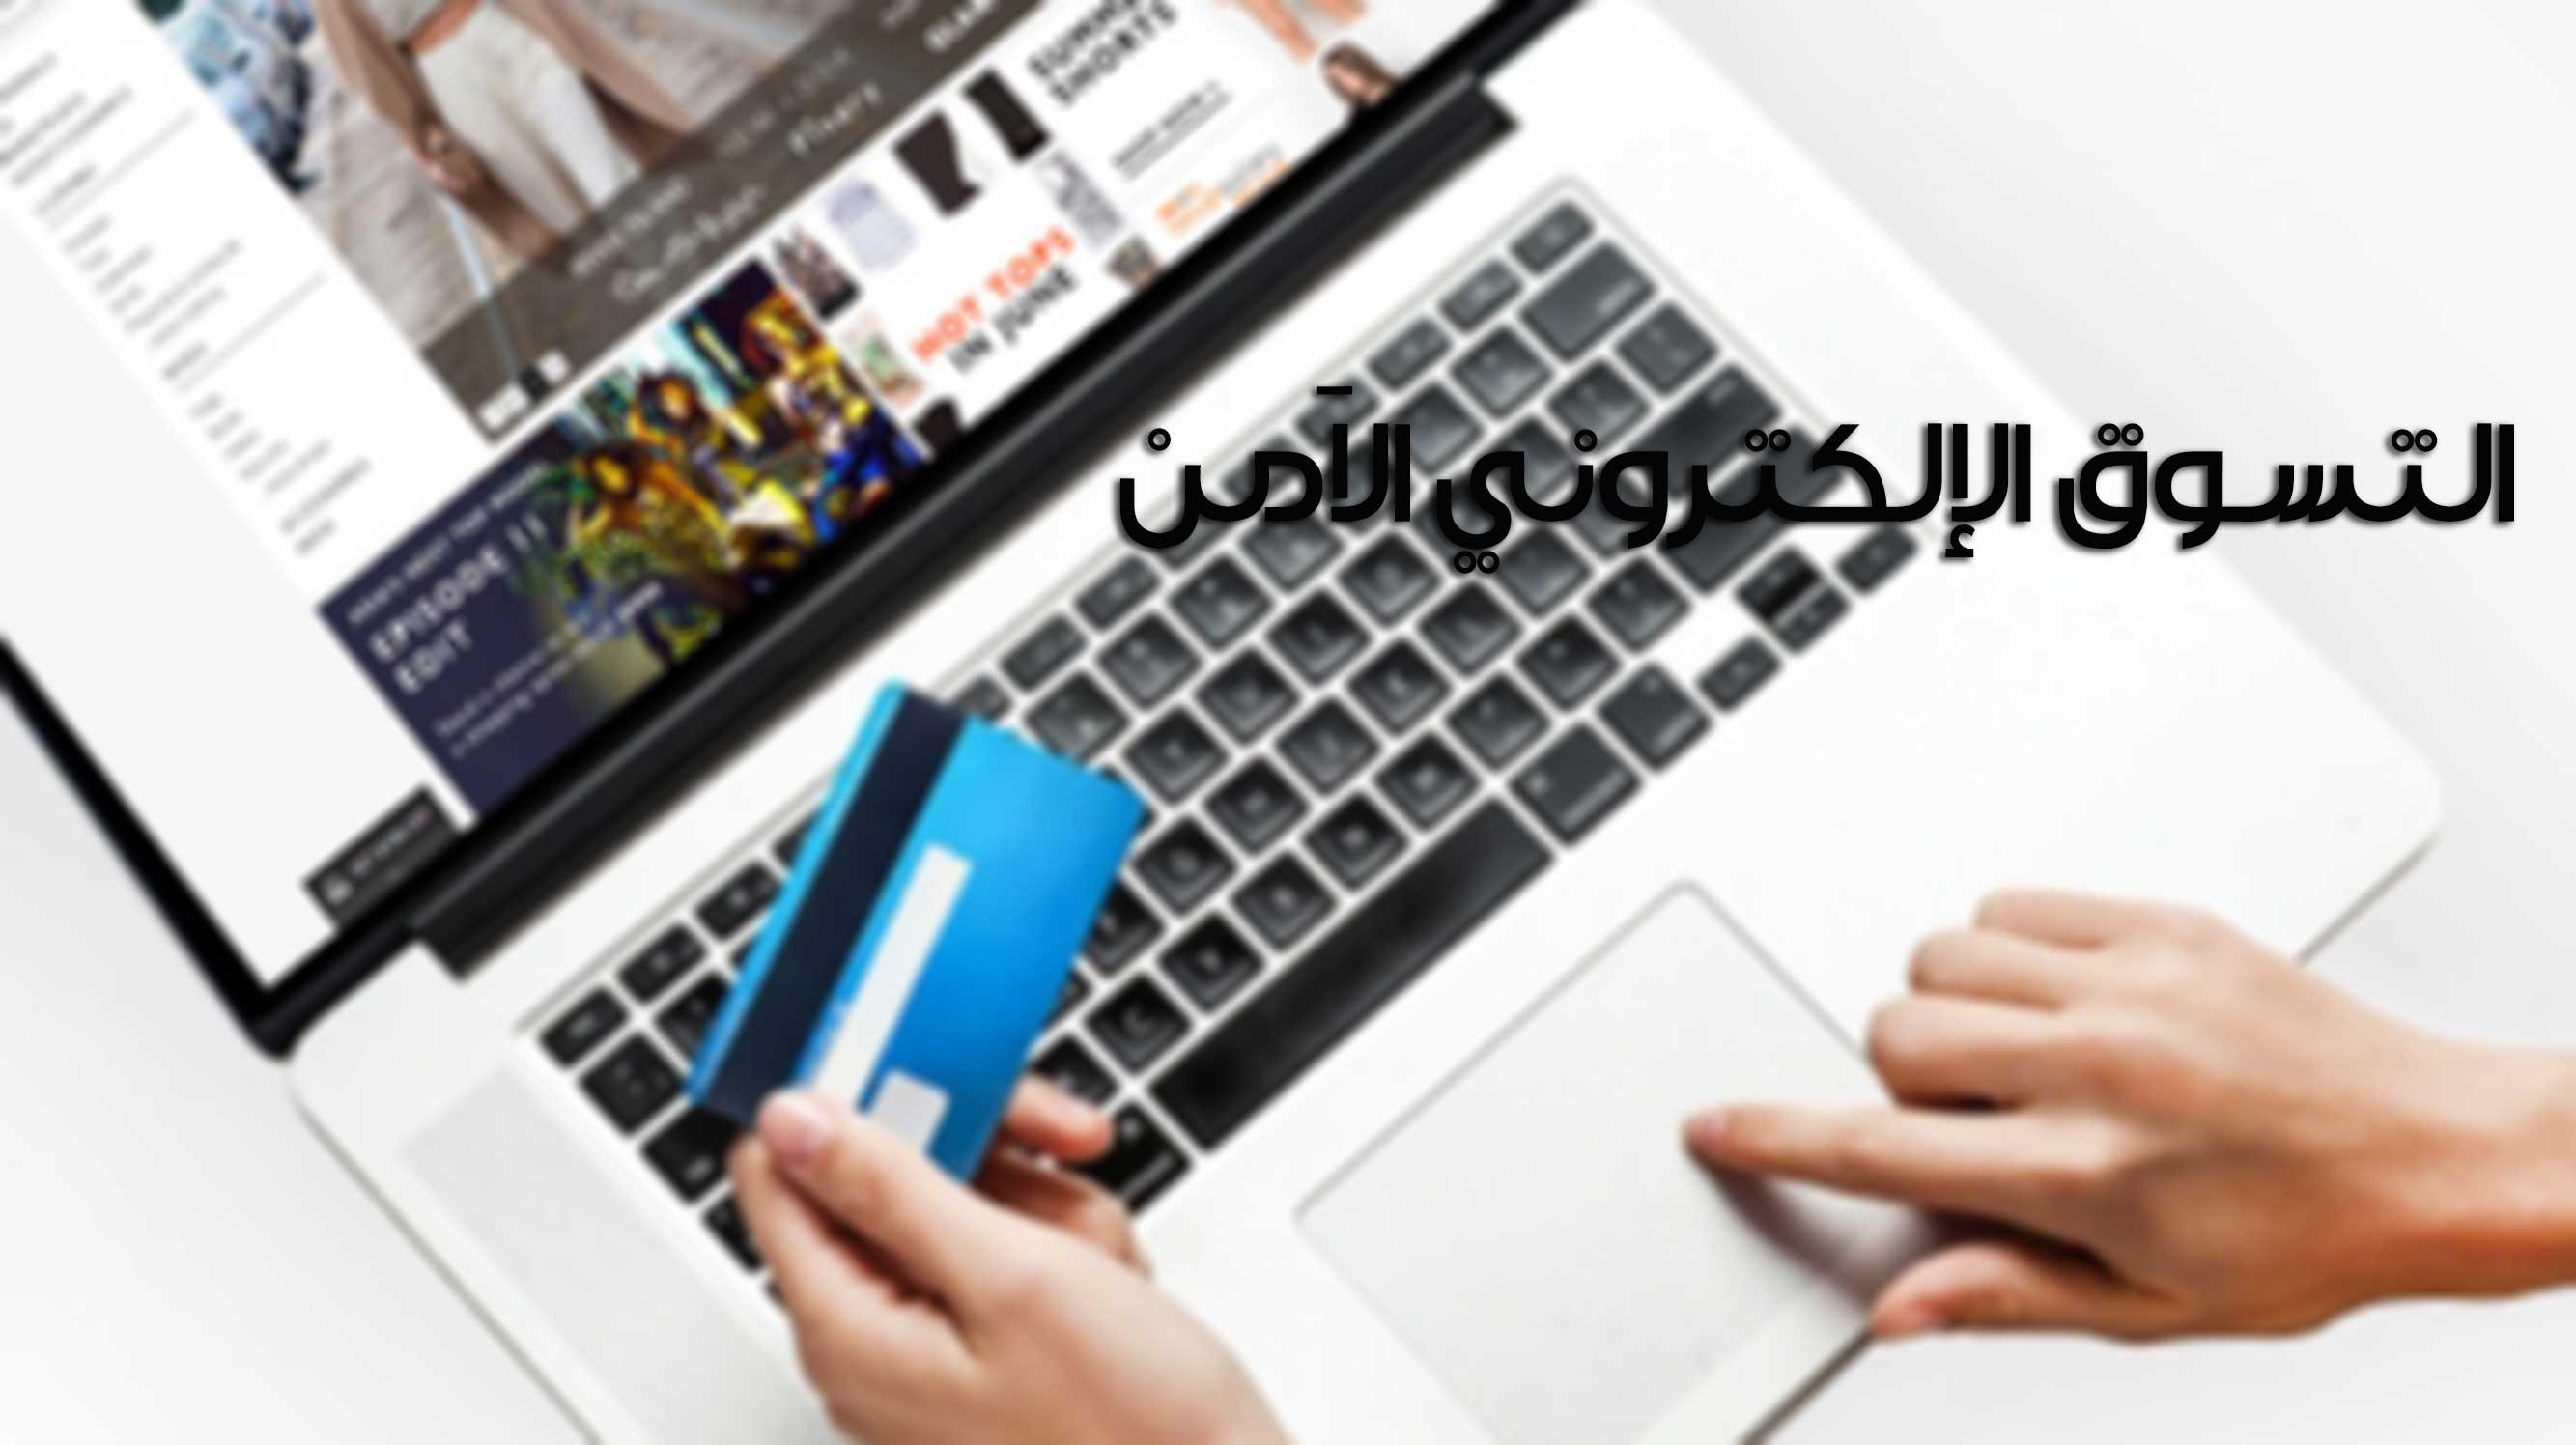 التسوق الالكتروني الامن 2019